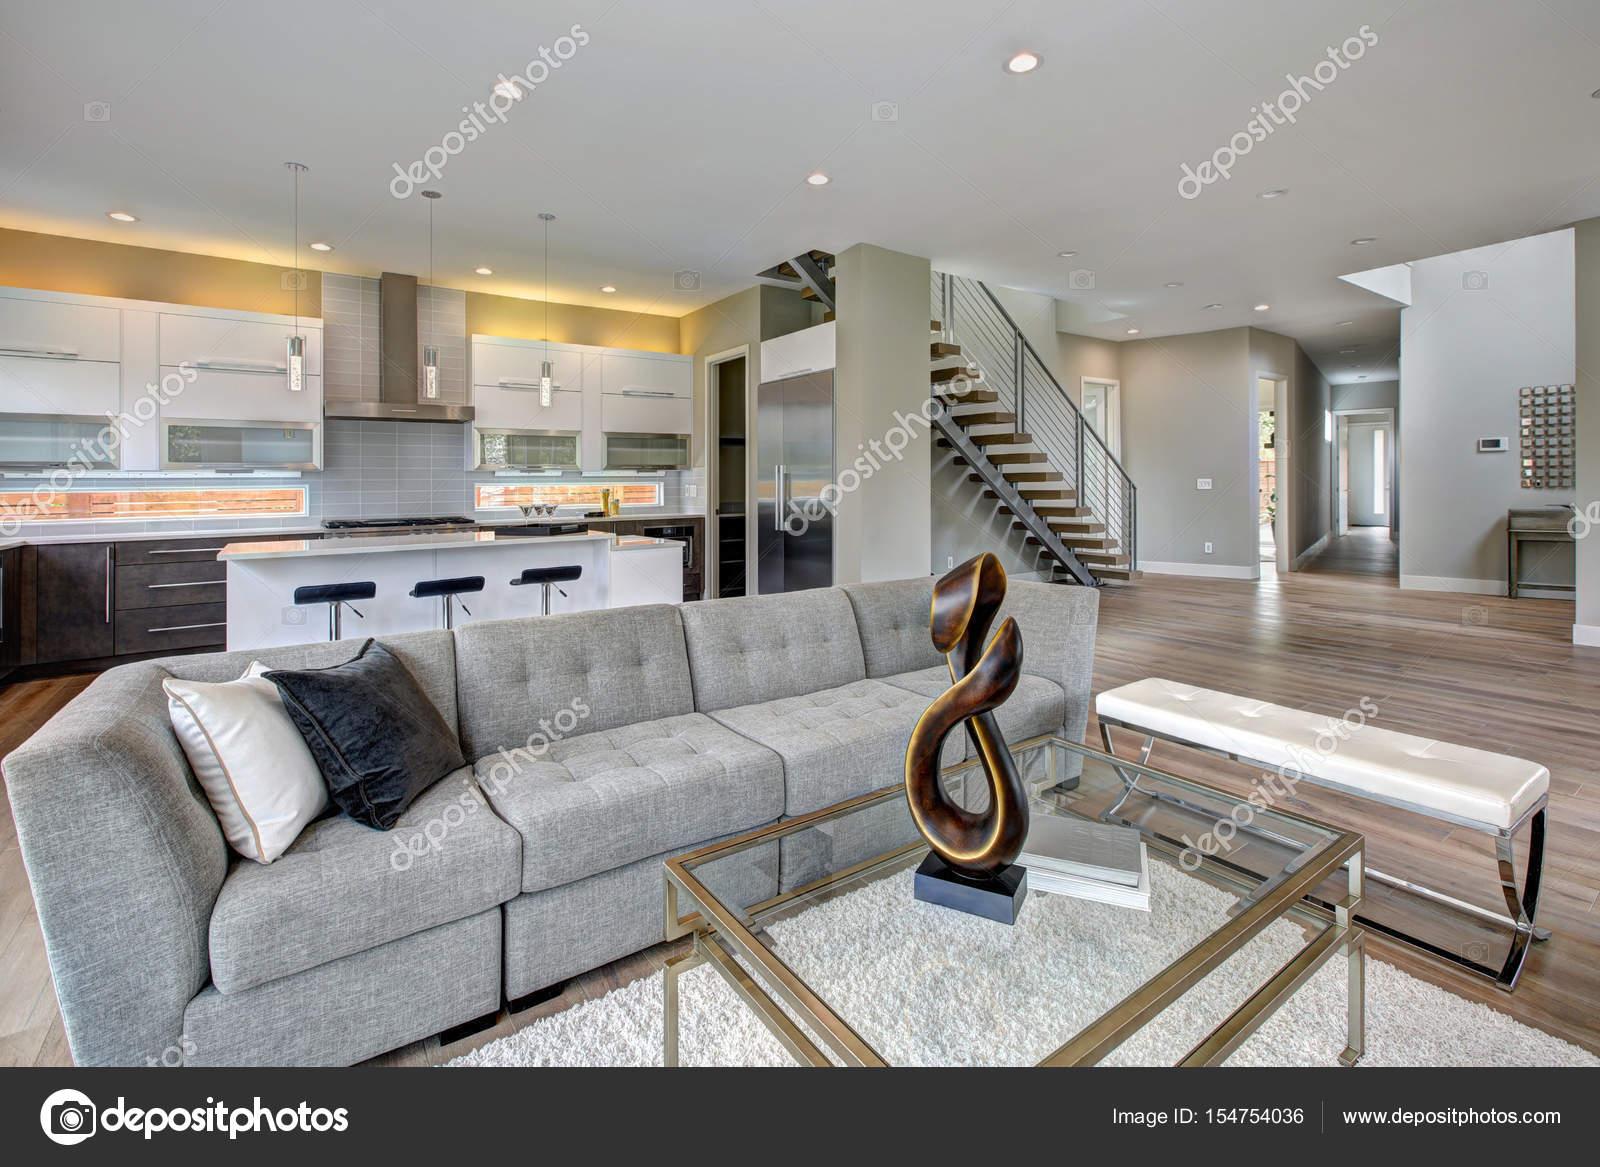 Wohnzimmer Im Modernen Stil U2014 Stockfoto